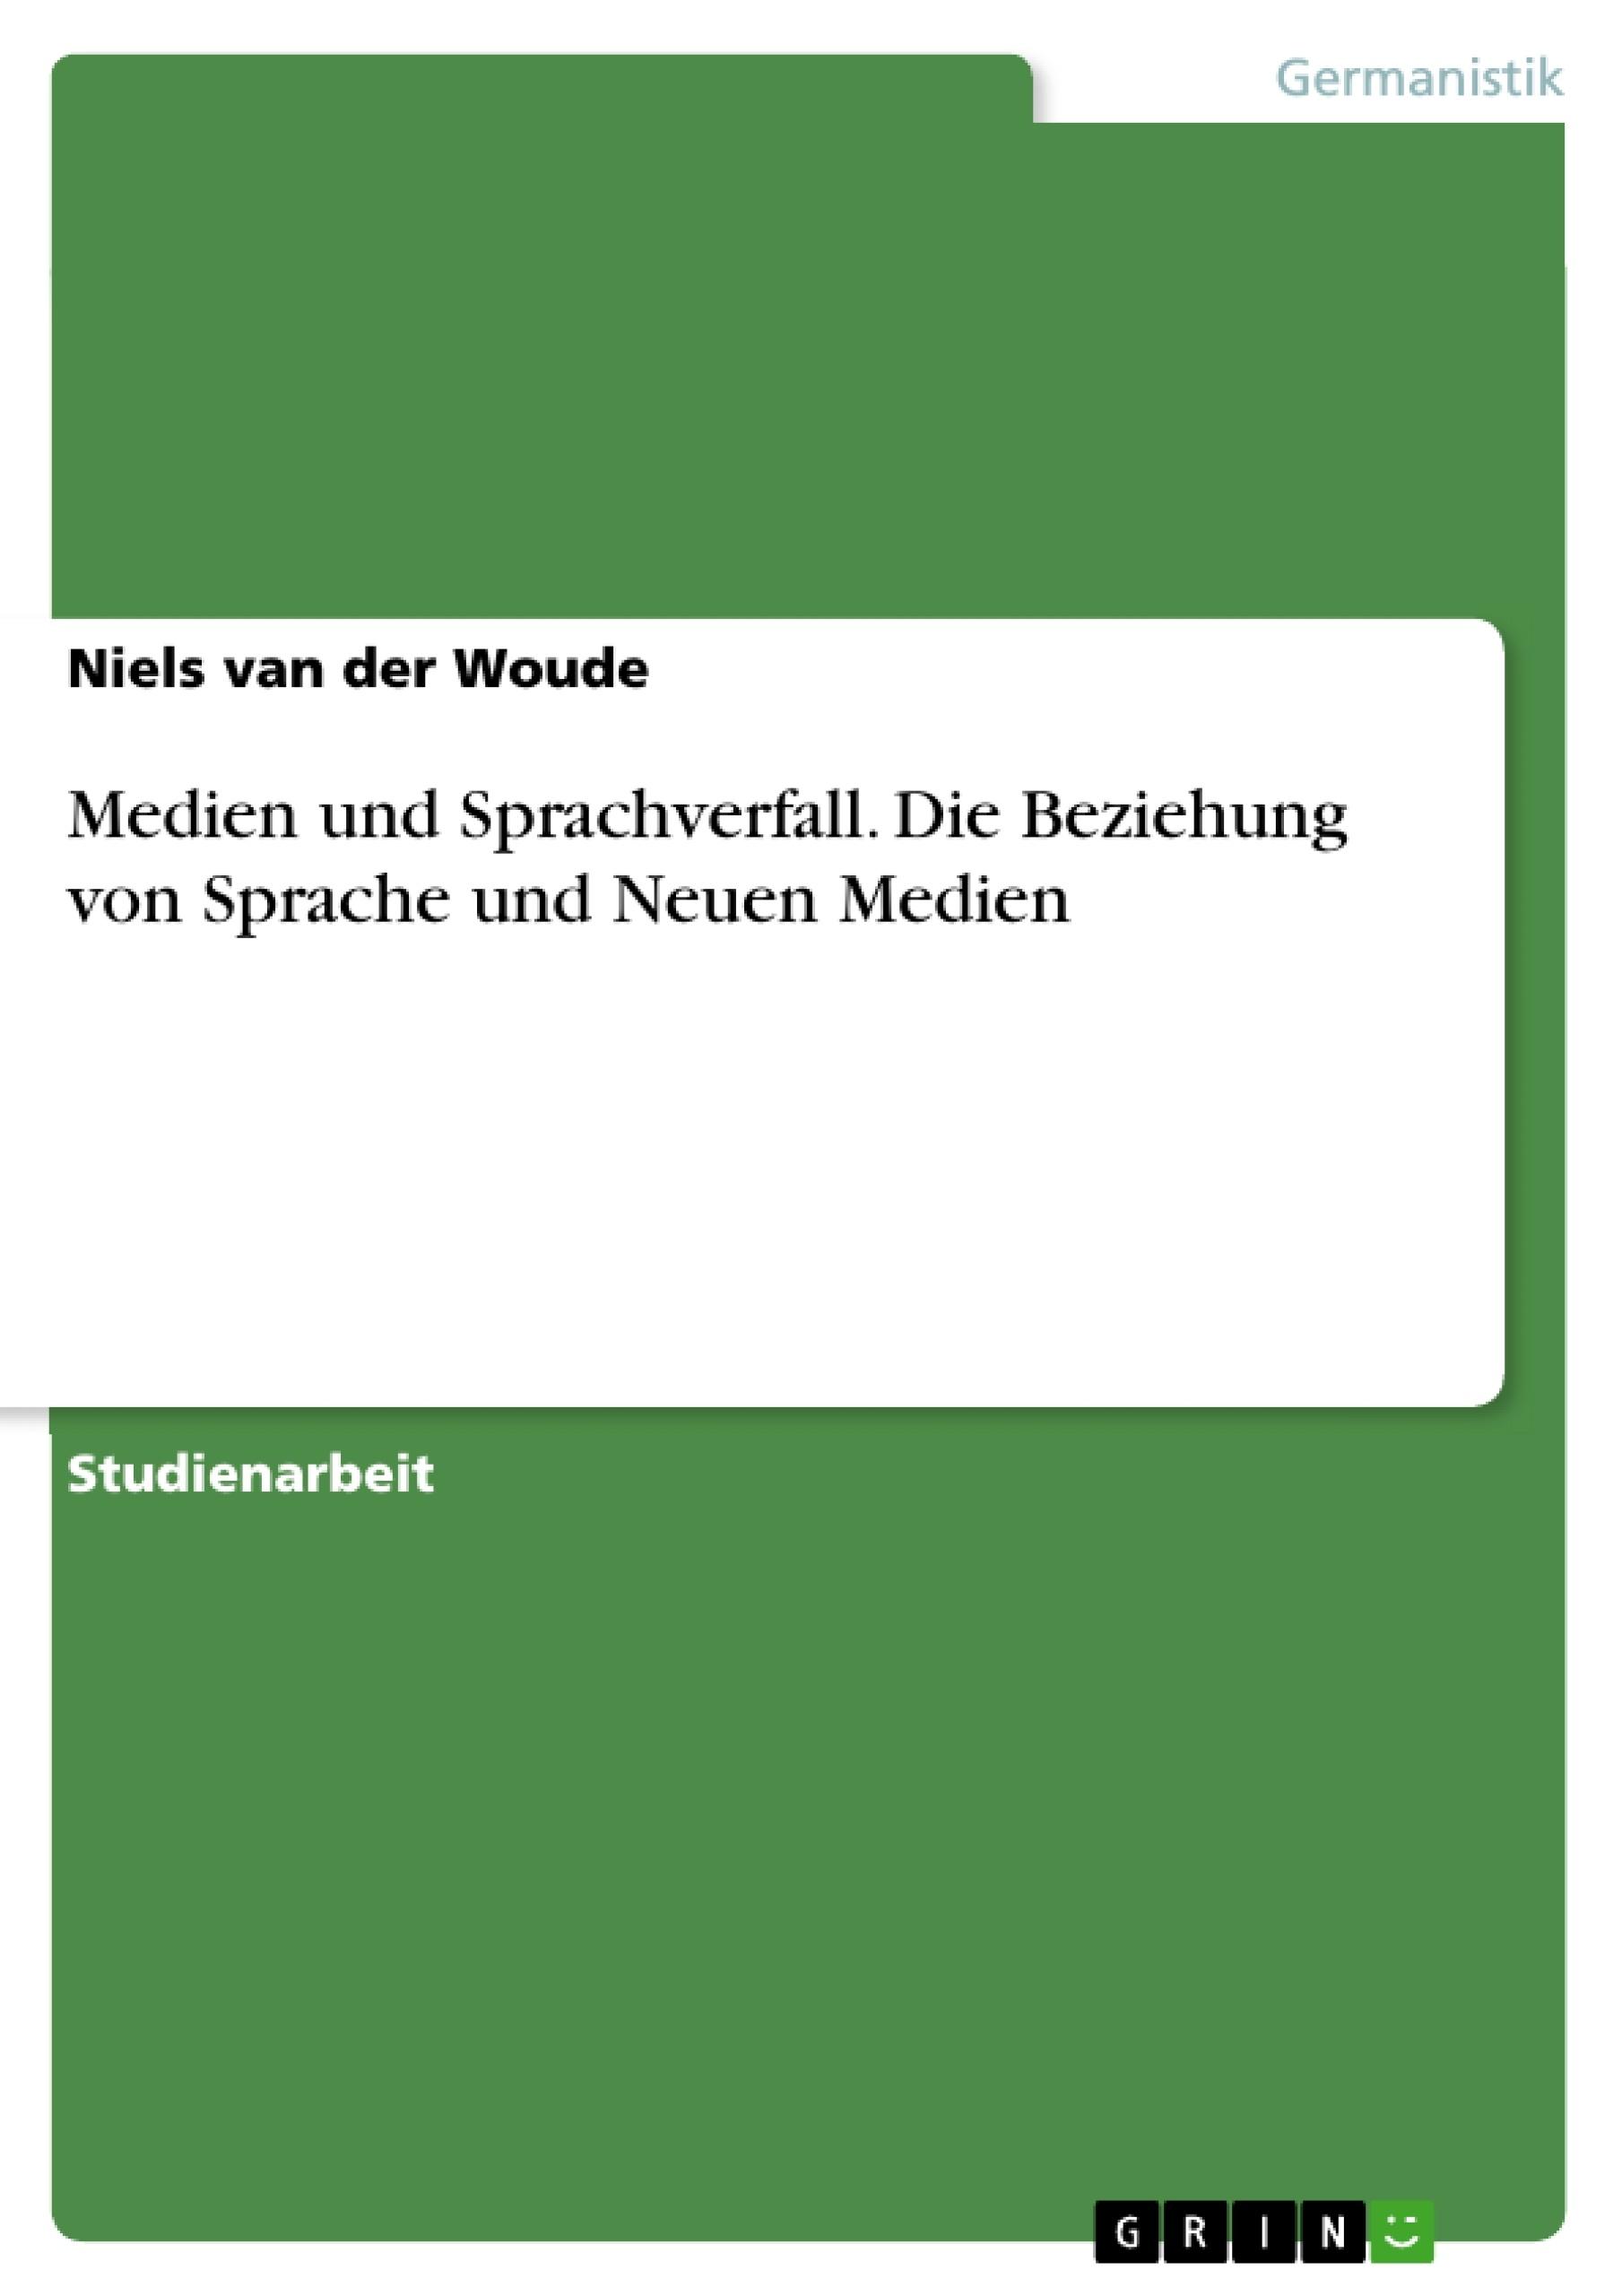 Titel: Medien und Sprachverfall. Die Beziehung von Sprache und Neuen Medien